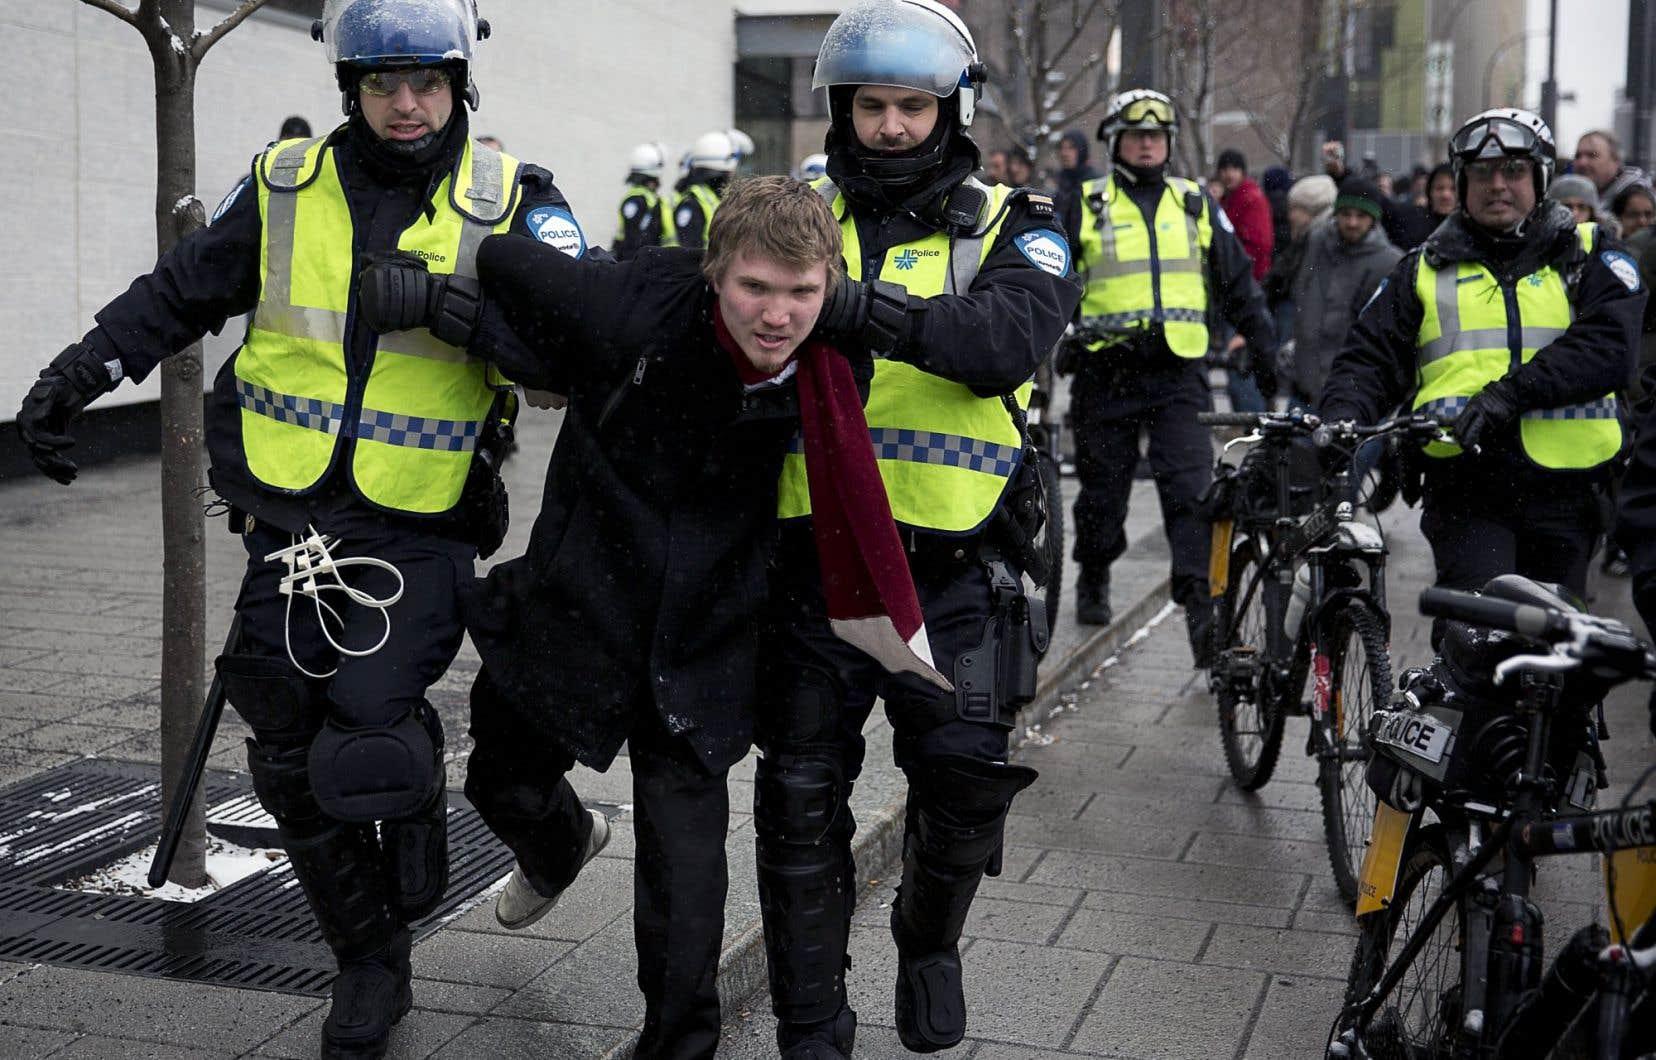 Le 15 mars 2013, la manifestation du Collectif opposé à la brutalité policière a été interrompue dès le départ par le SPVM.